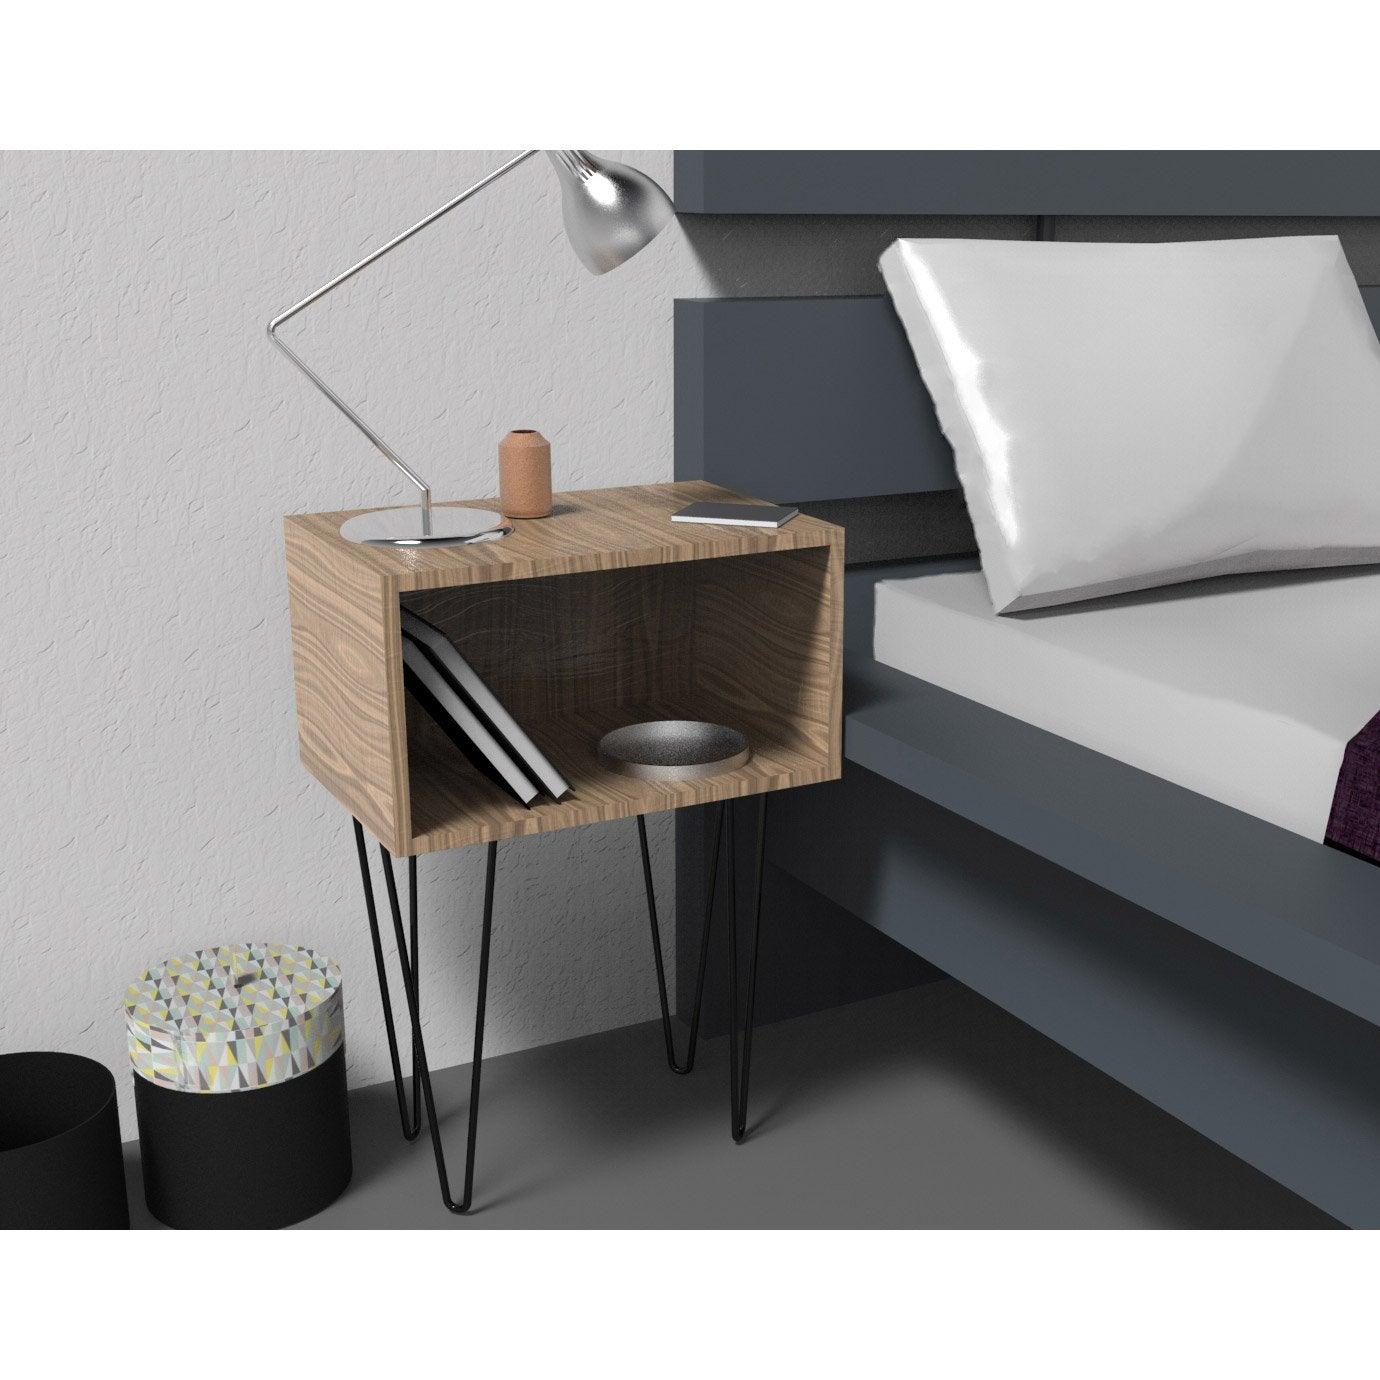 ... Pied De Table Basse Design Fixe Acier époxy Noir, 40 Cm